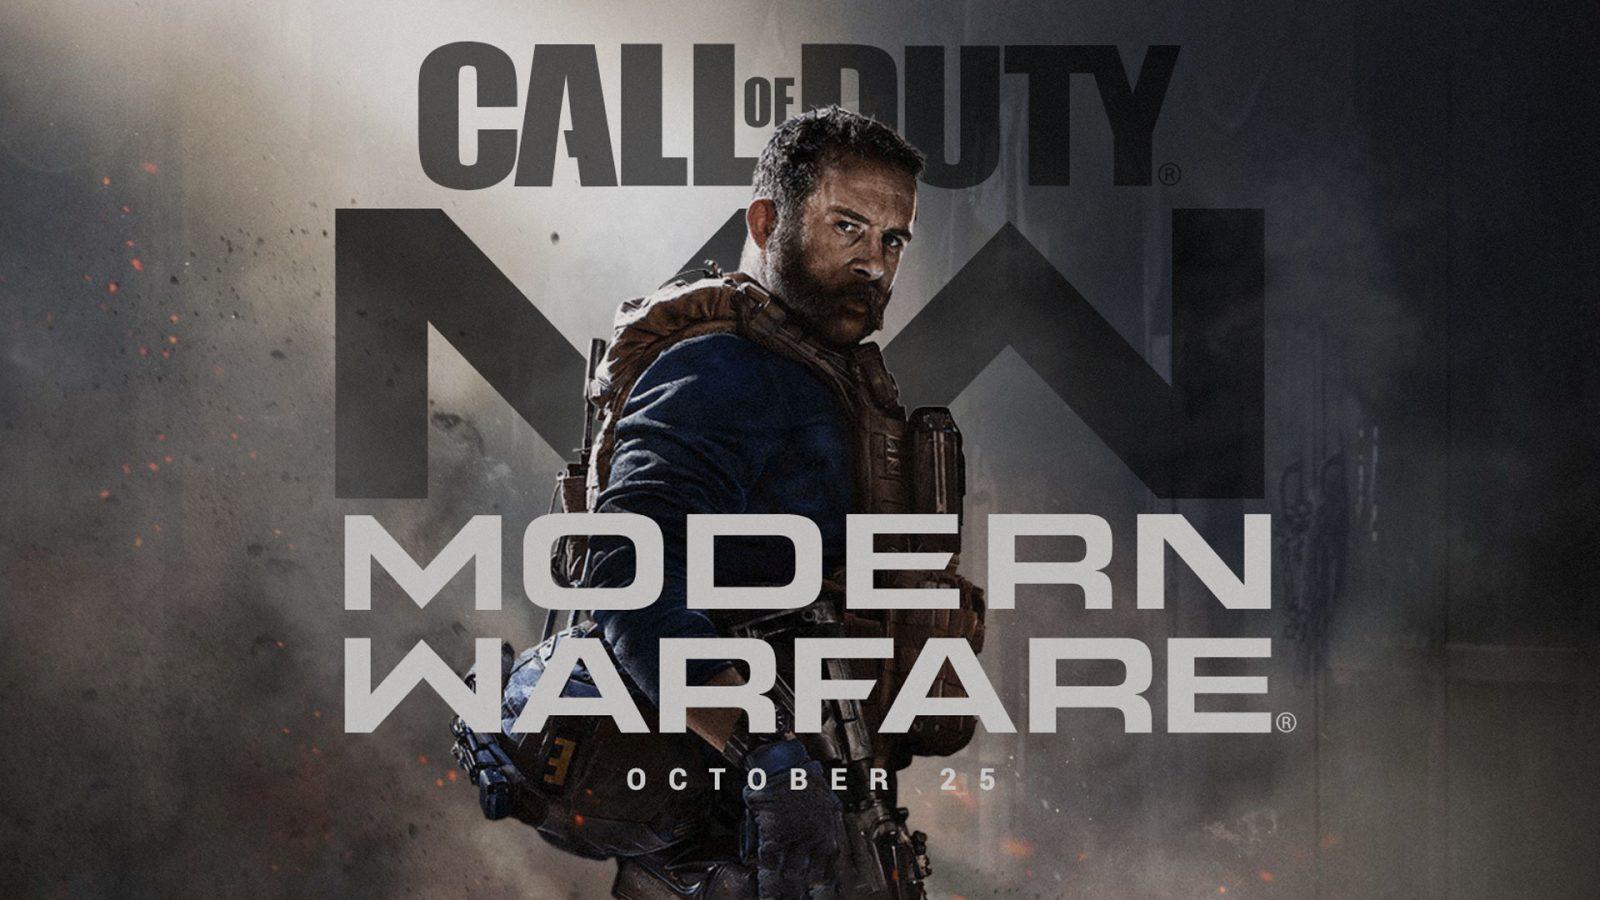 استودیوی هایمون در روند ساخت بازی Call of Duty: Modern Warfare دست داشته است